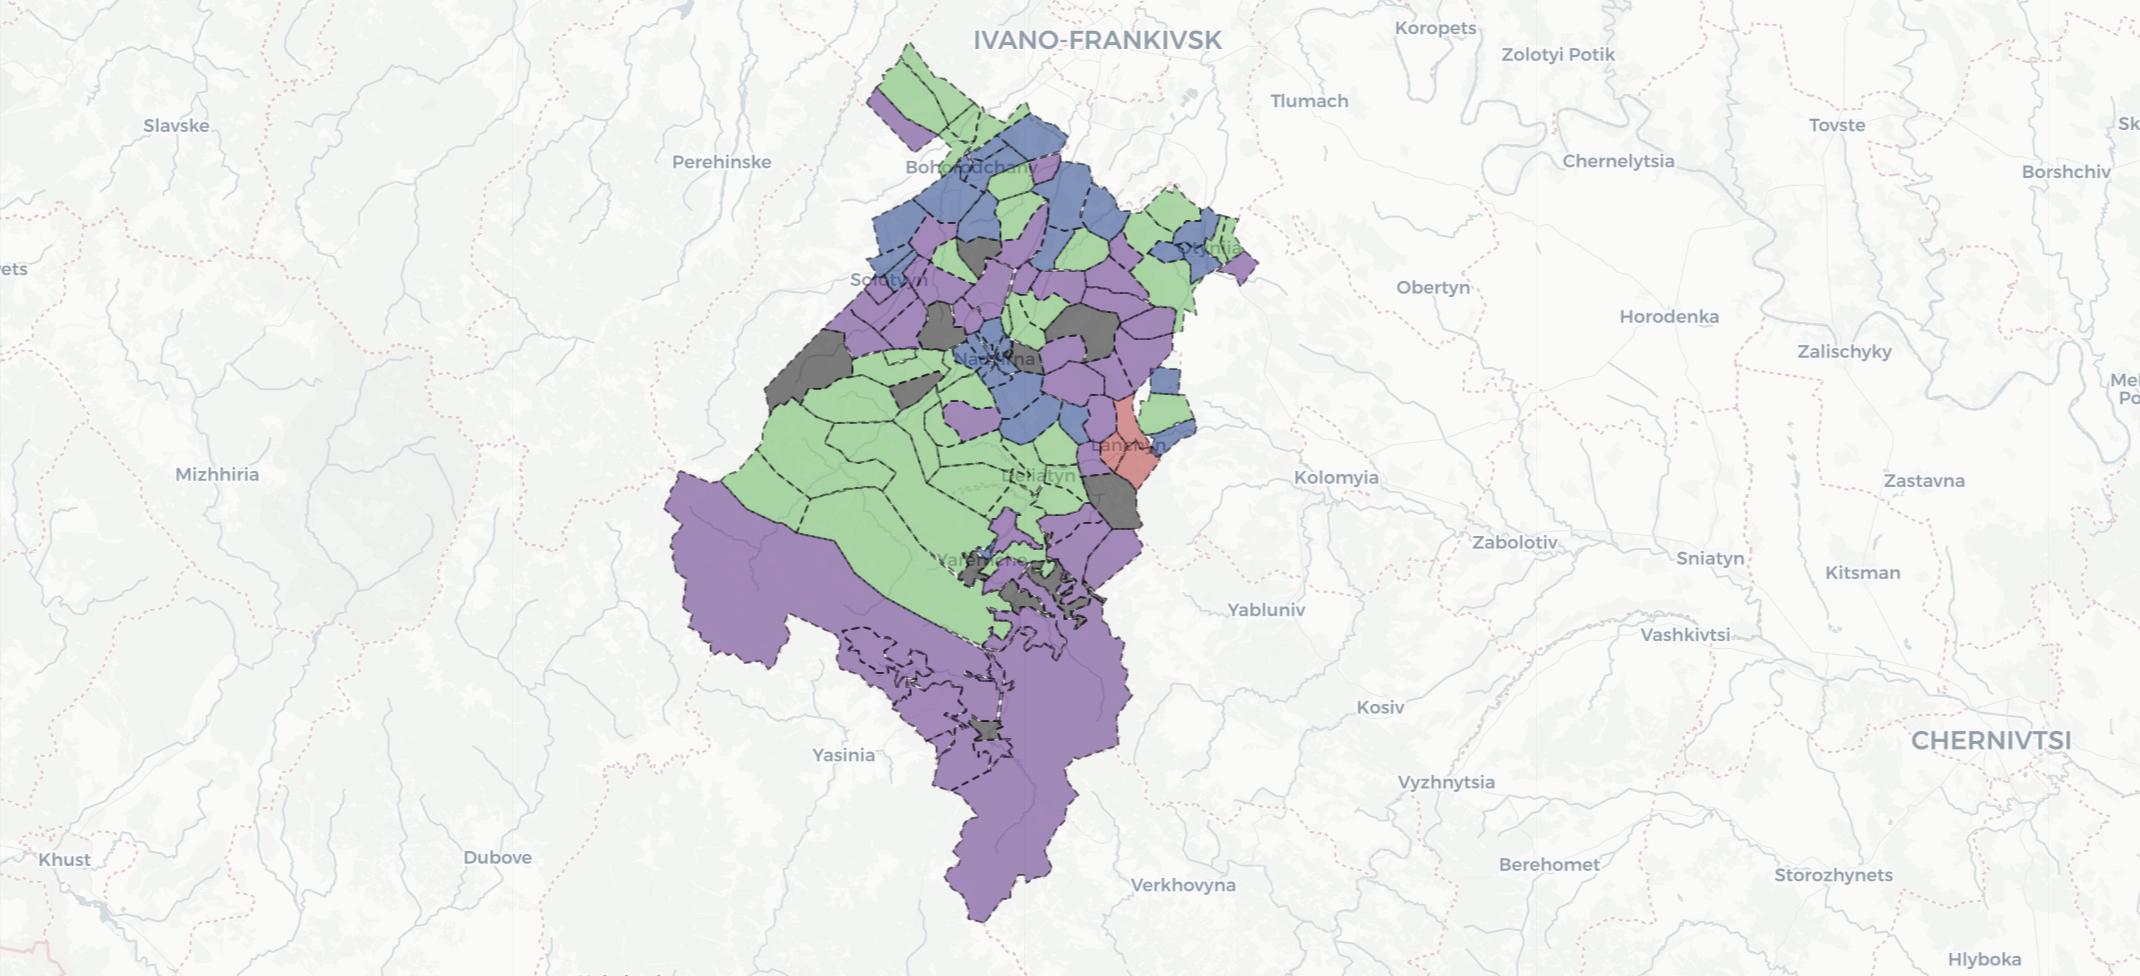 Вибори на окрузі №87: з'явилася мапа з результатами голосування